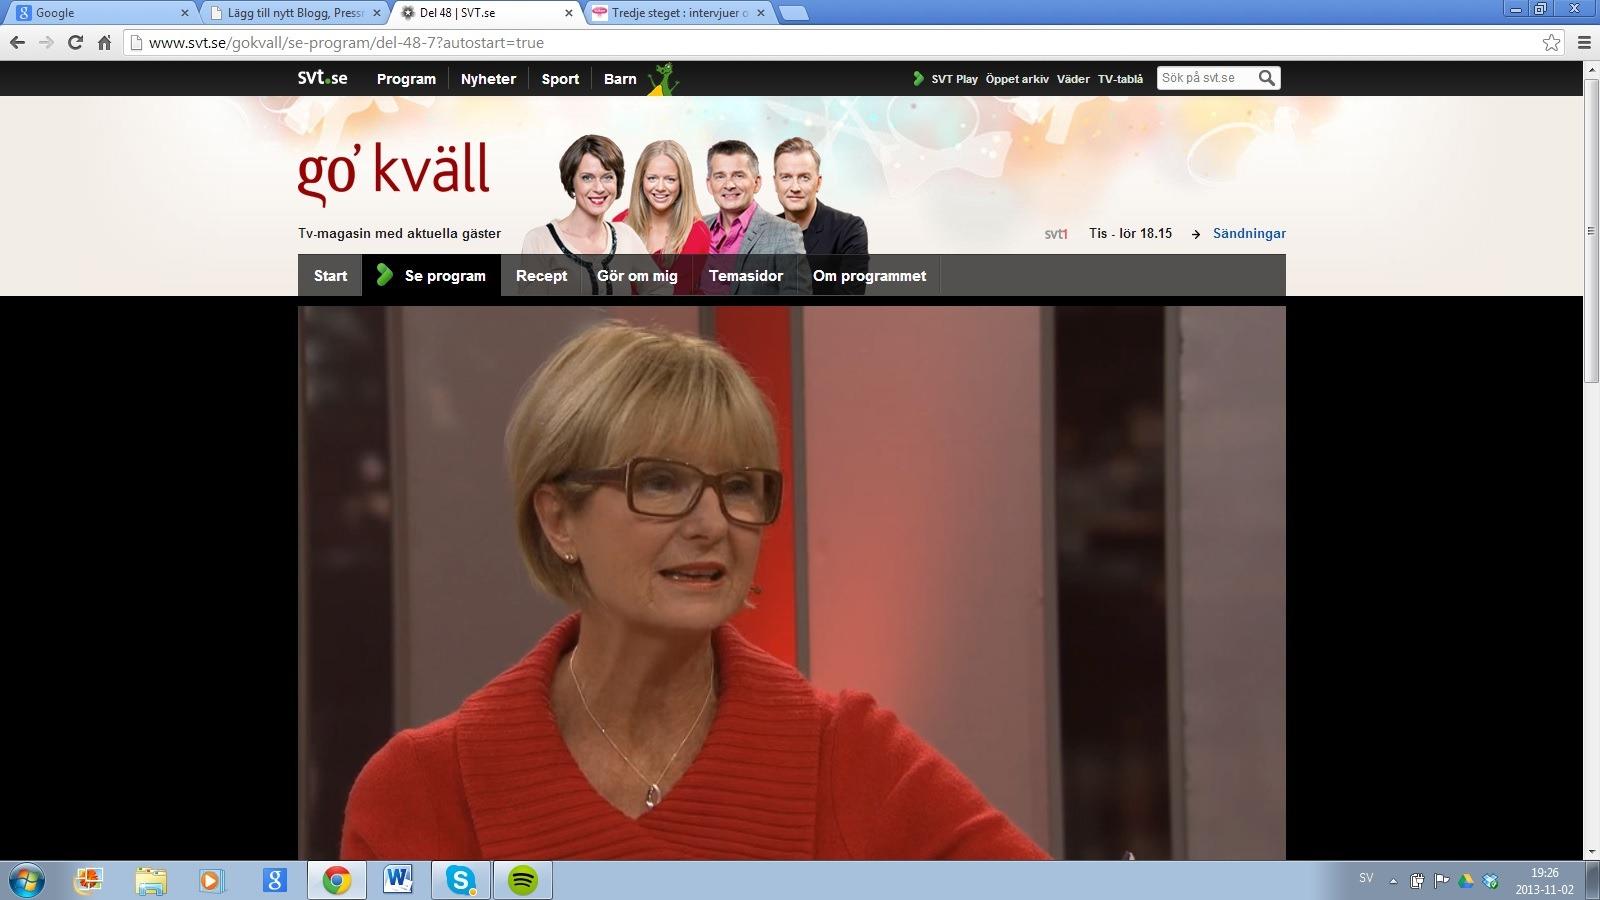 Vulkanförfattare på SVT